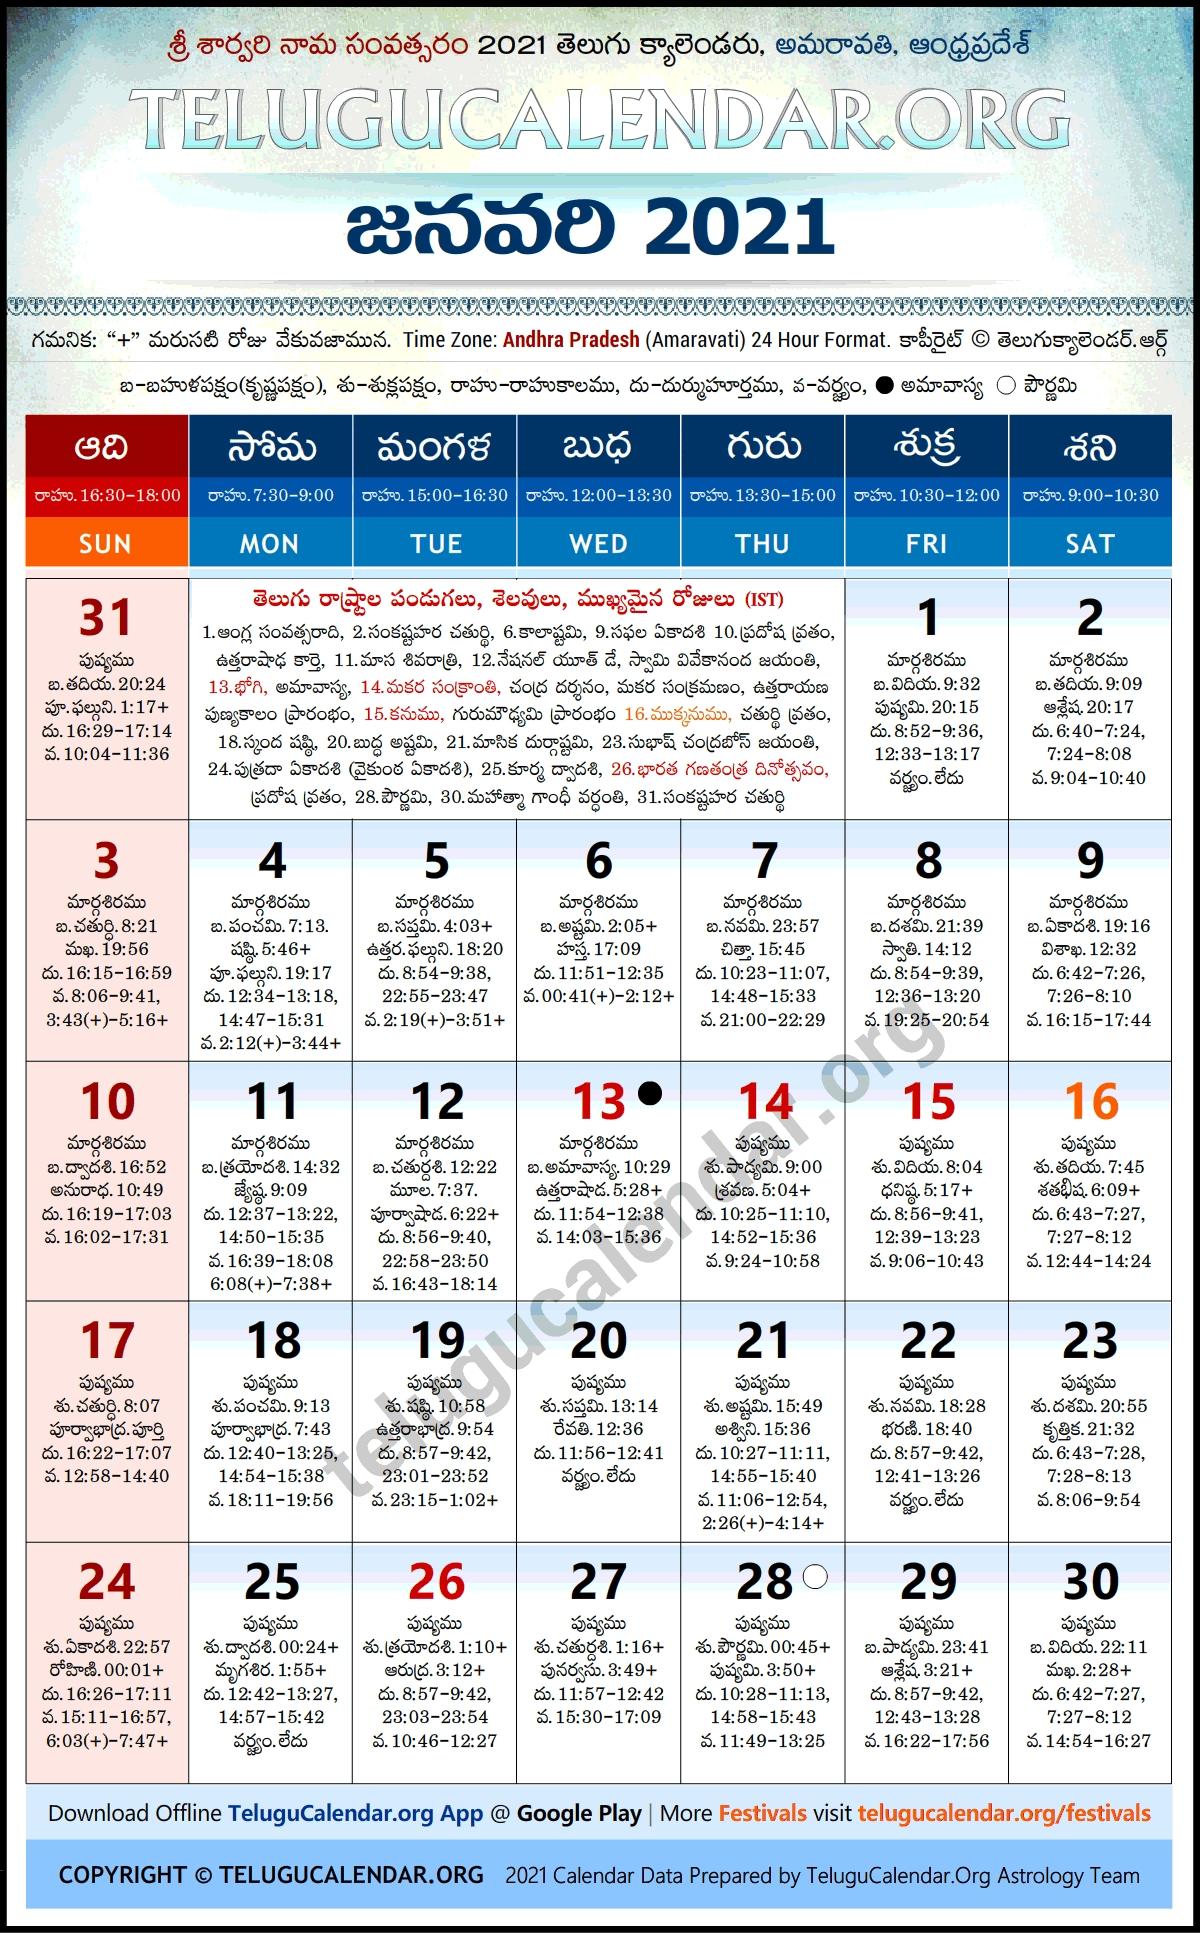 Andhra Pradesh 2021 January Telugu Calendar Festivals & Holidays